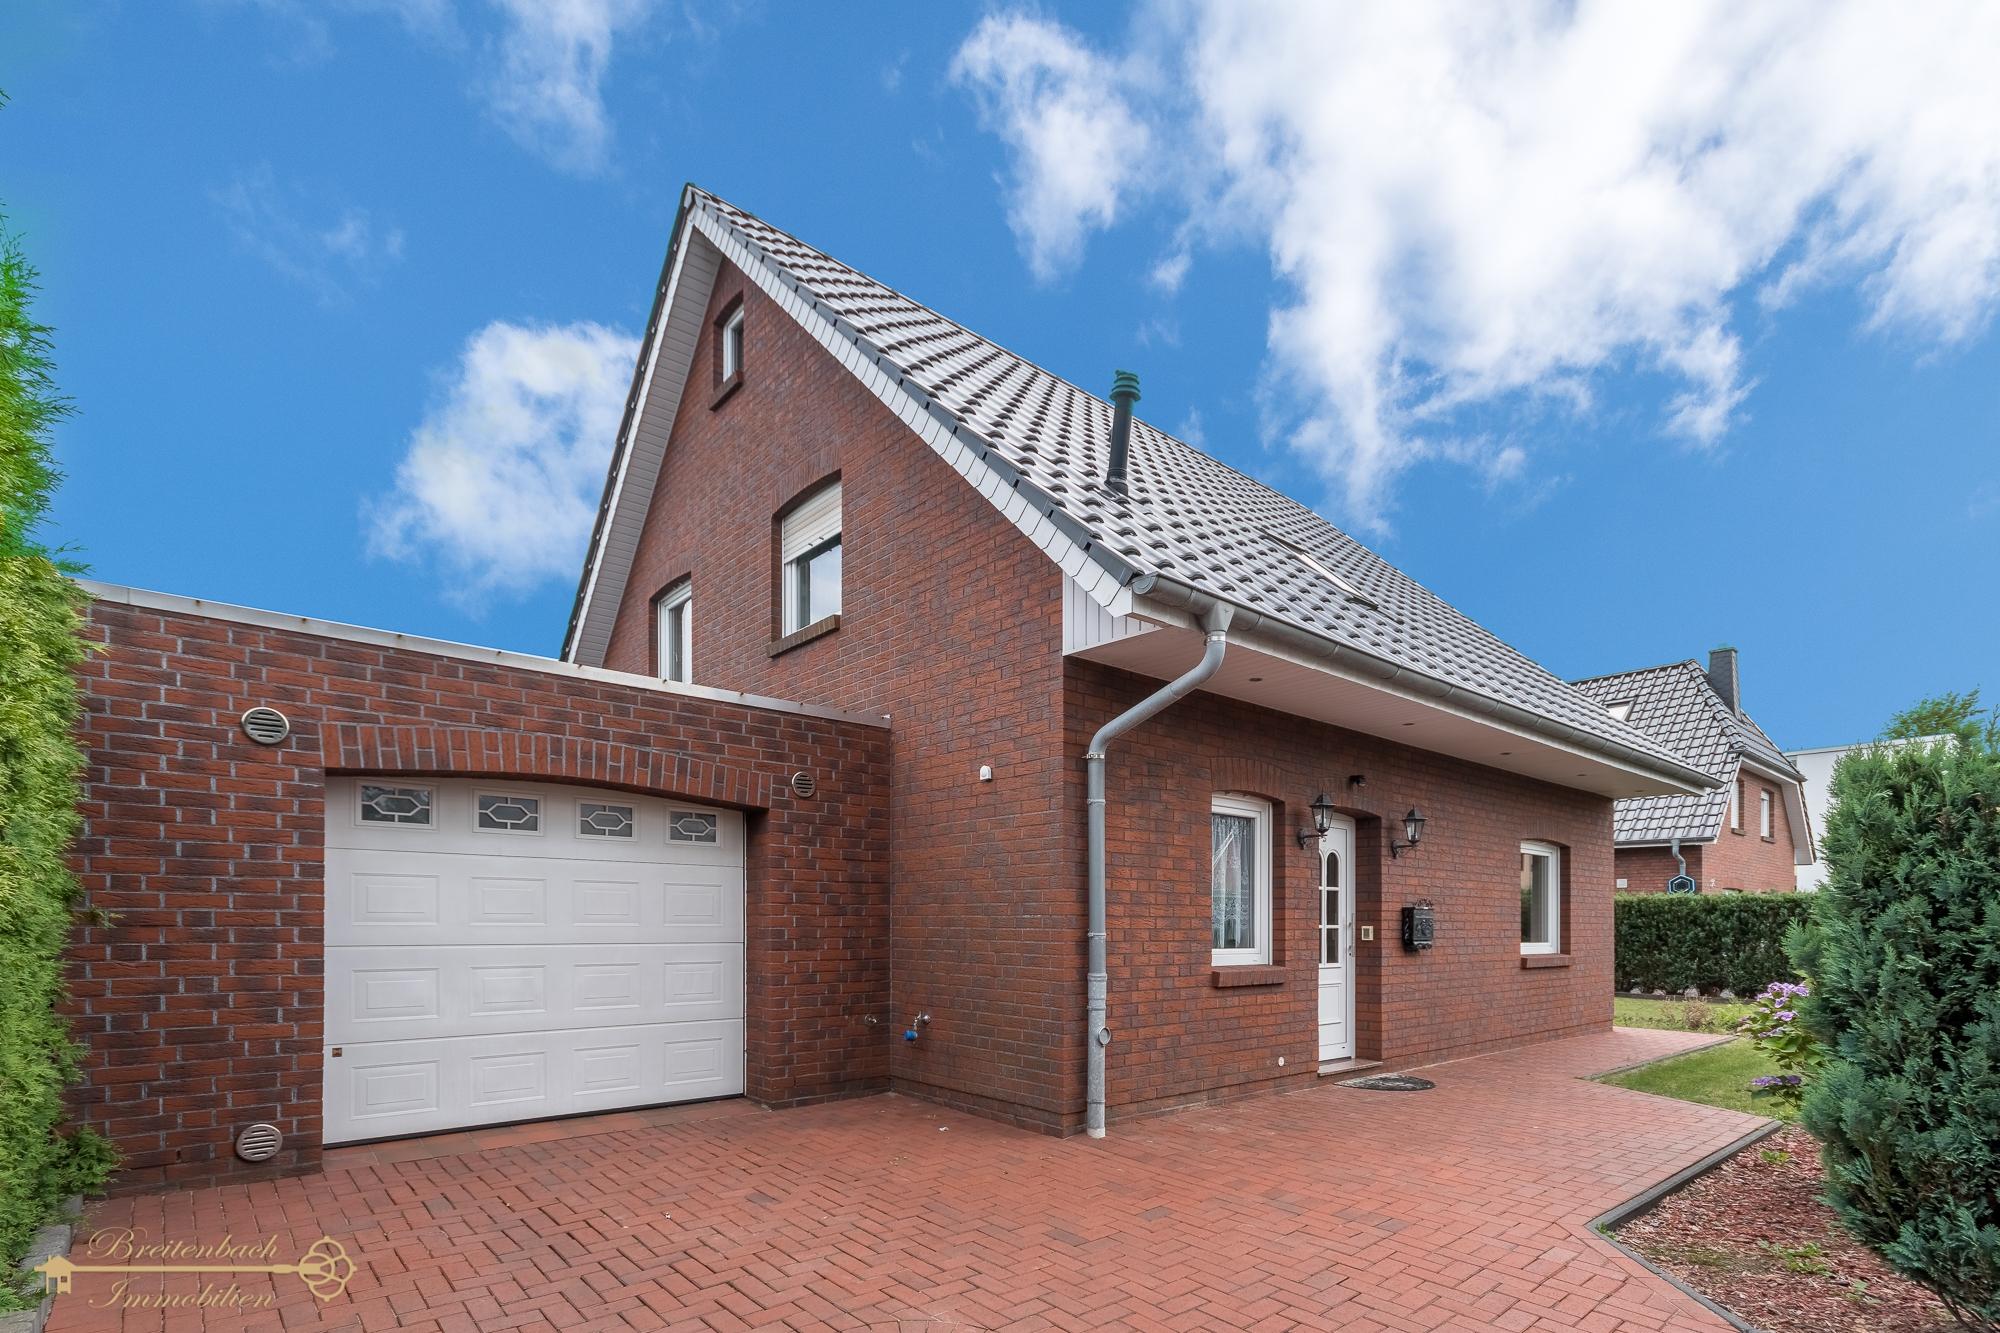 2020-08-01-Breitenbach-Immobilien-1